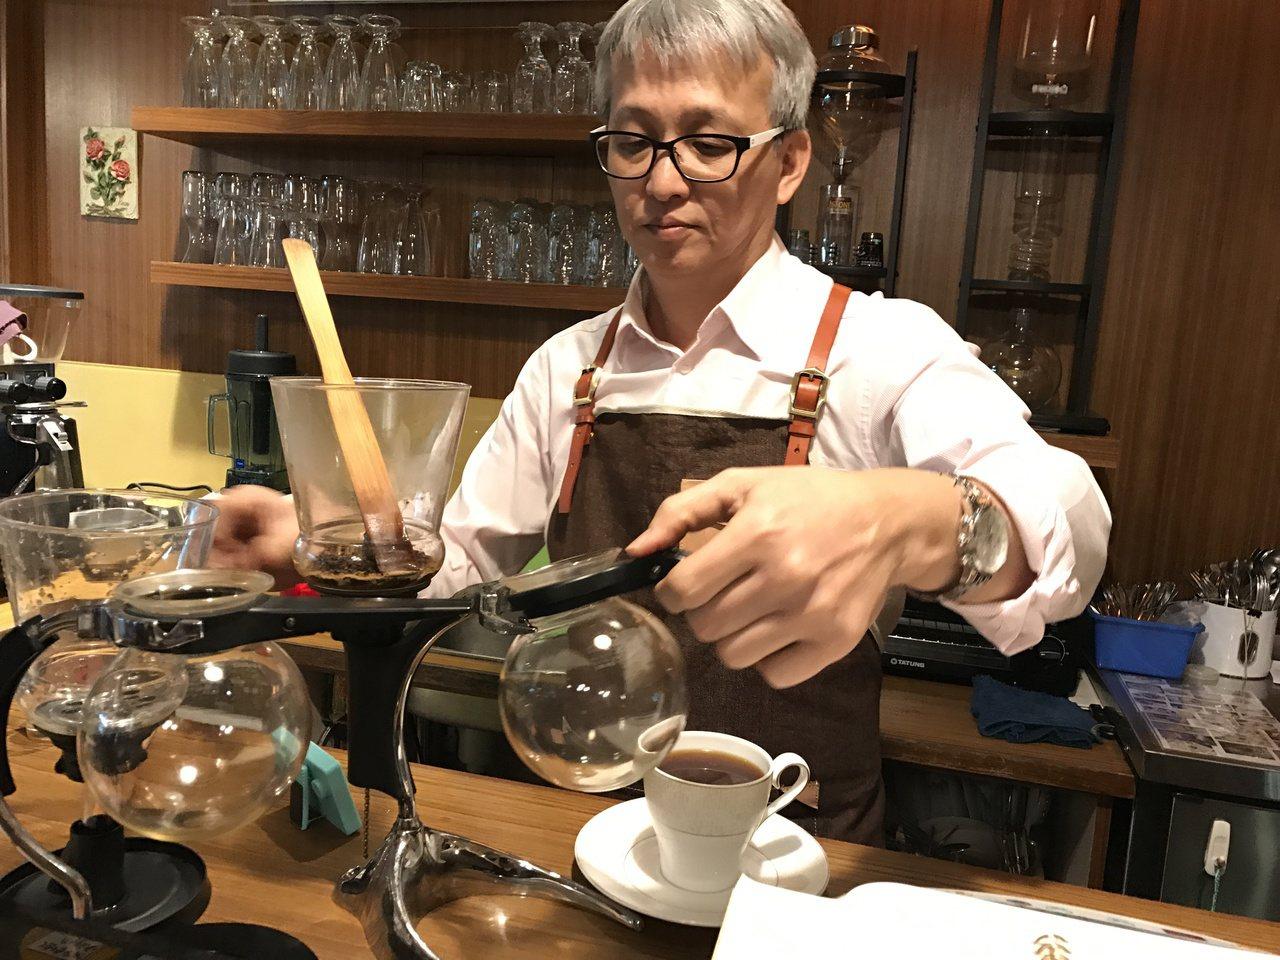 懂咖啡又會煮咖啡的林哲文,經他推薦的精品咖啡,很多人一喝就上口。記者吳淑君/攝影